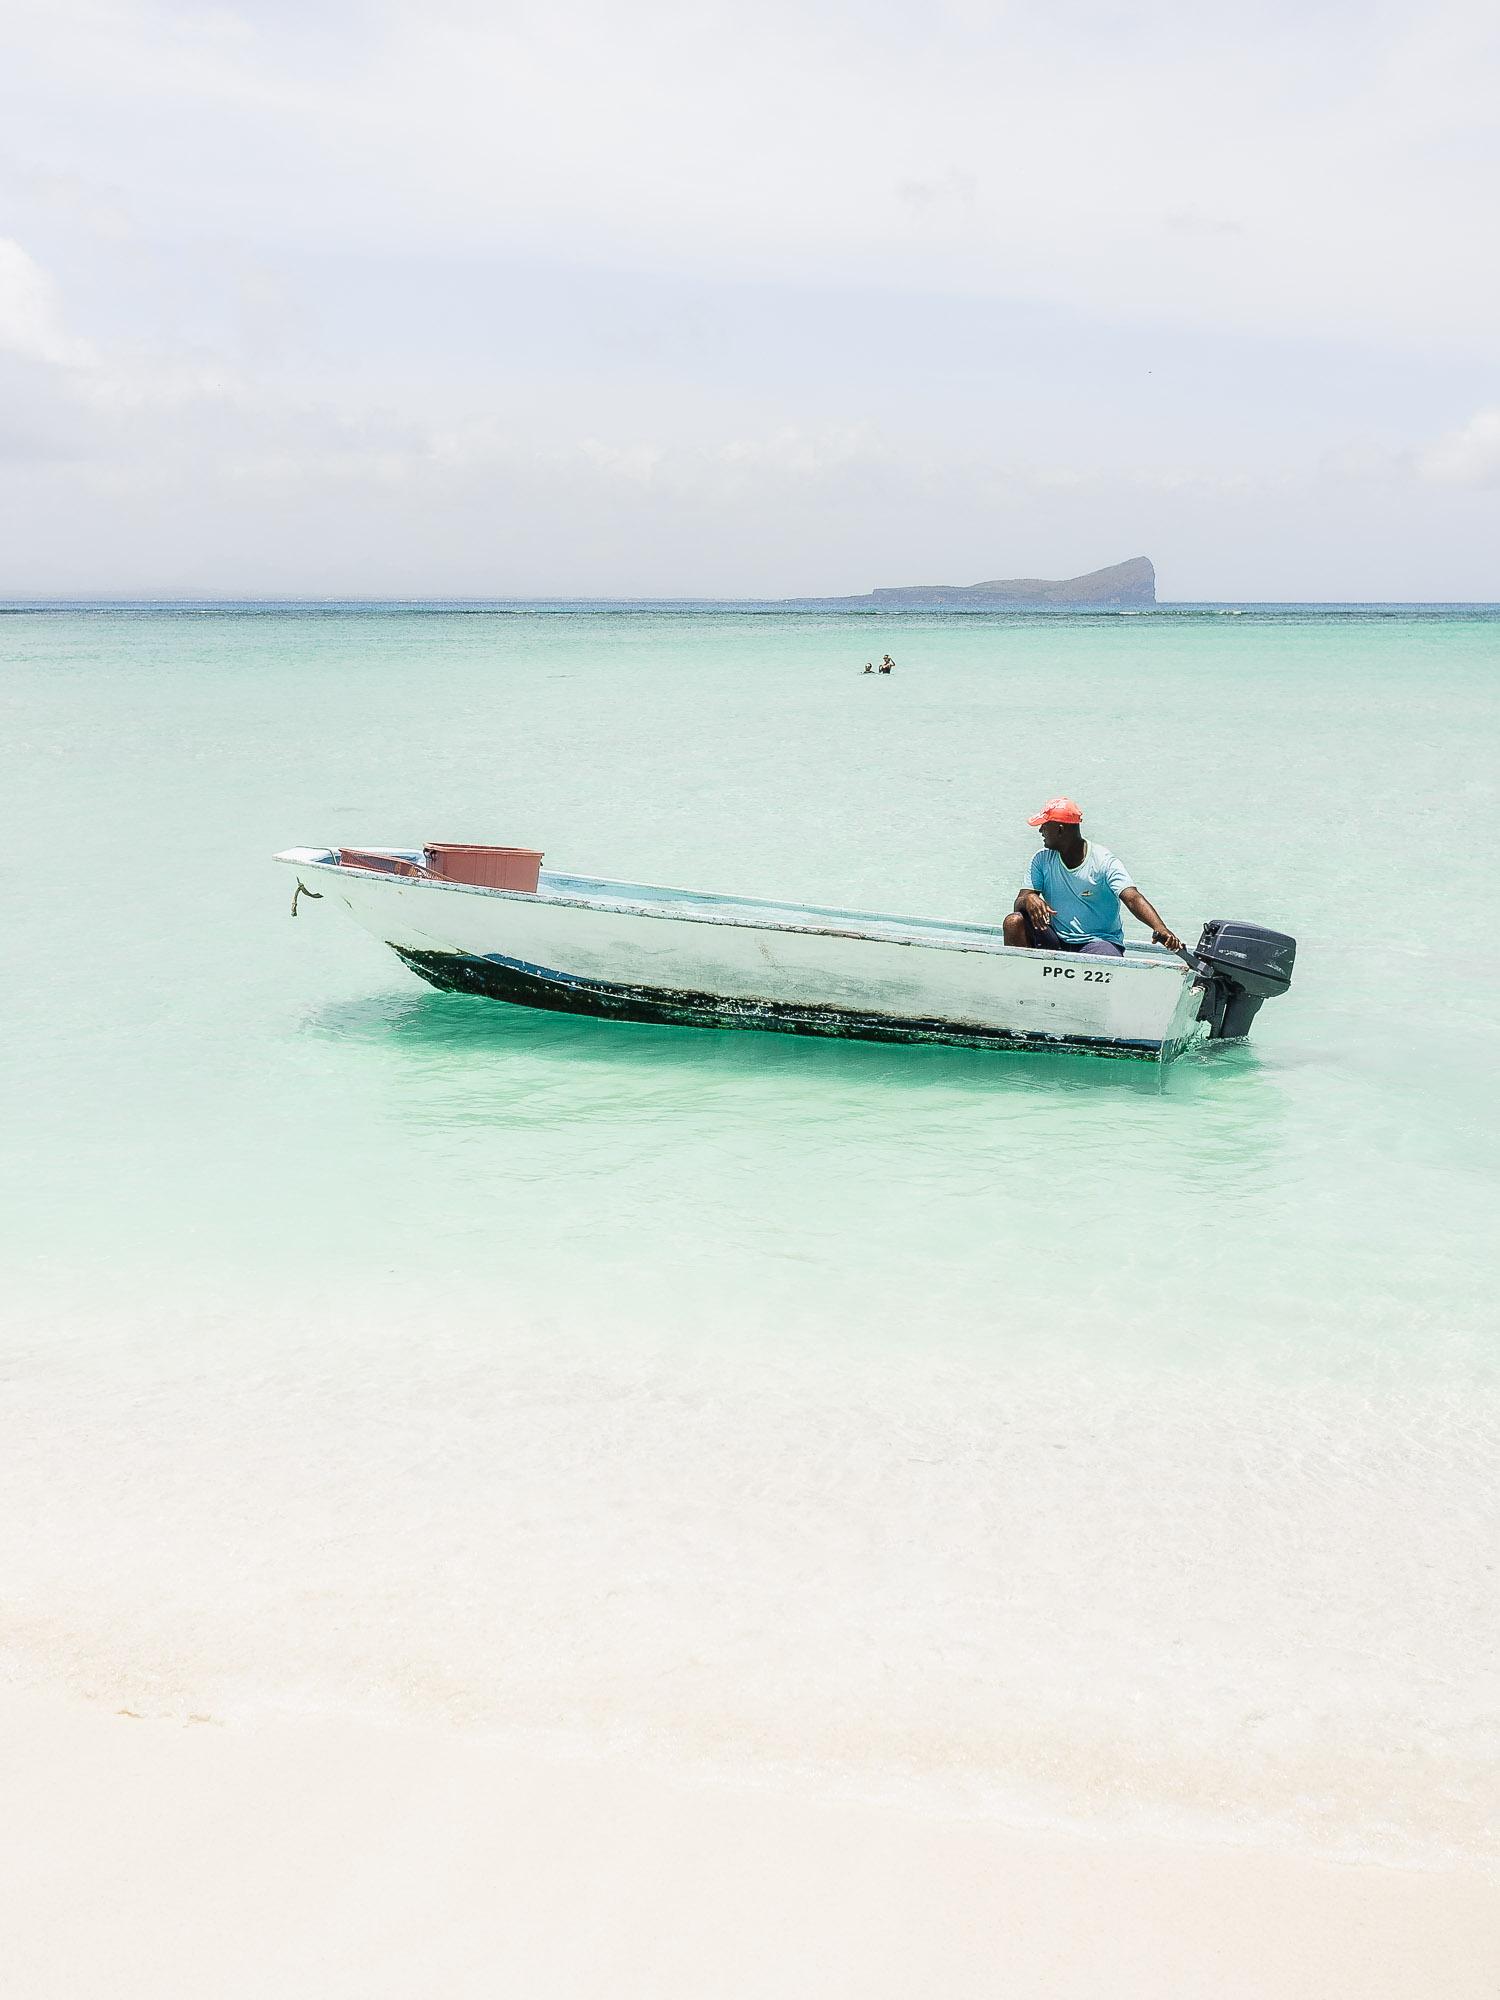 bateau de pecheur et eaux turquoises